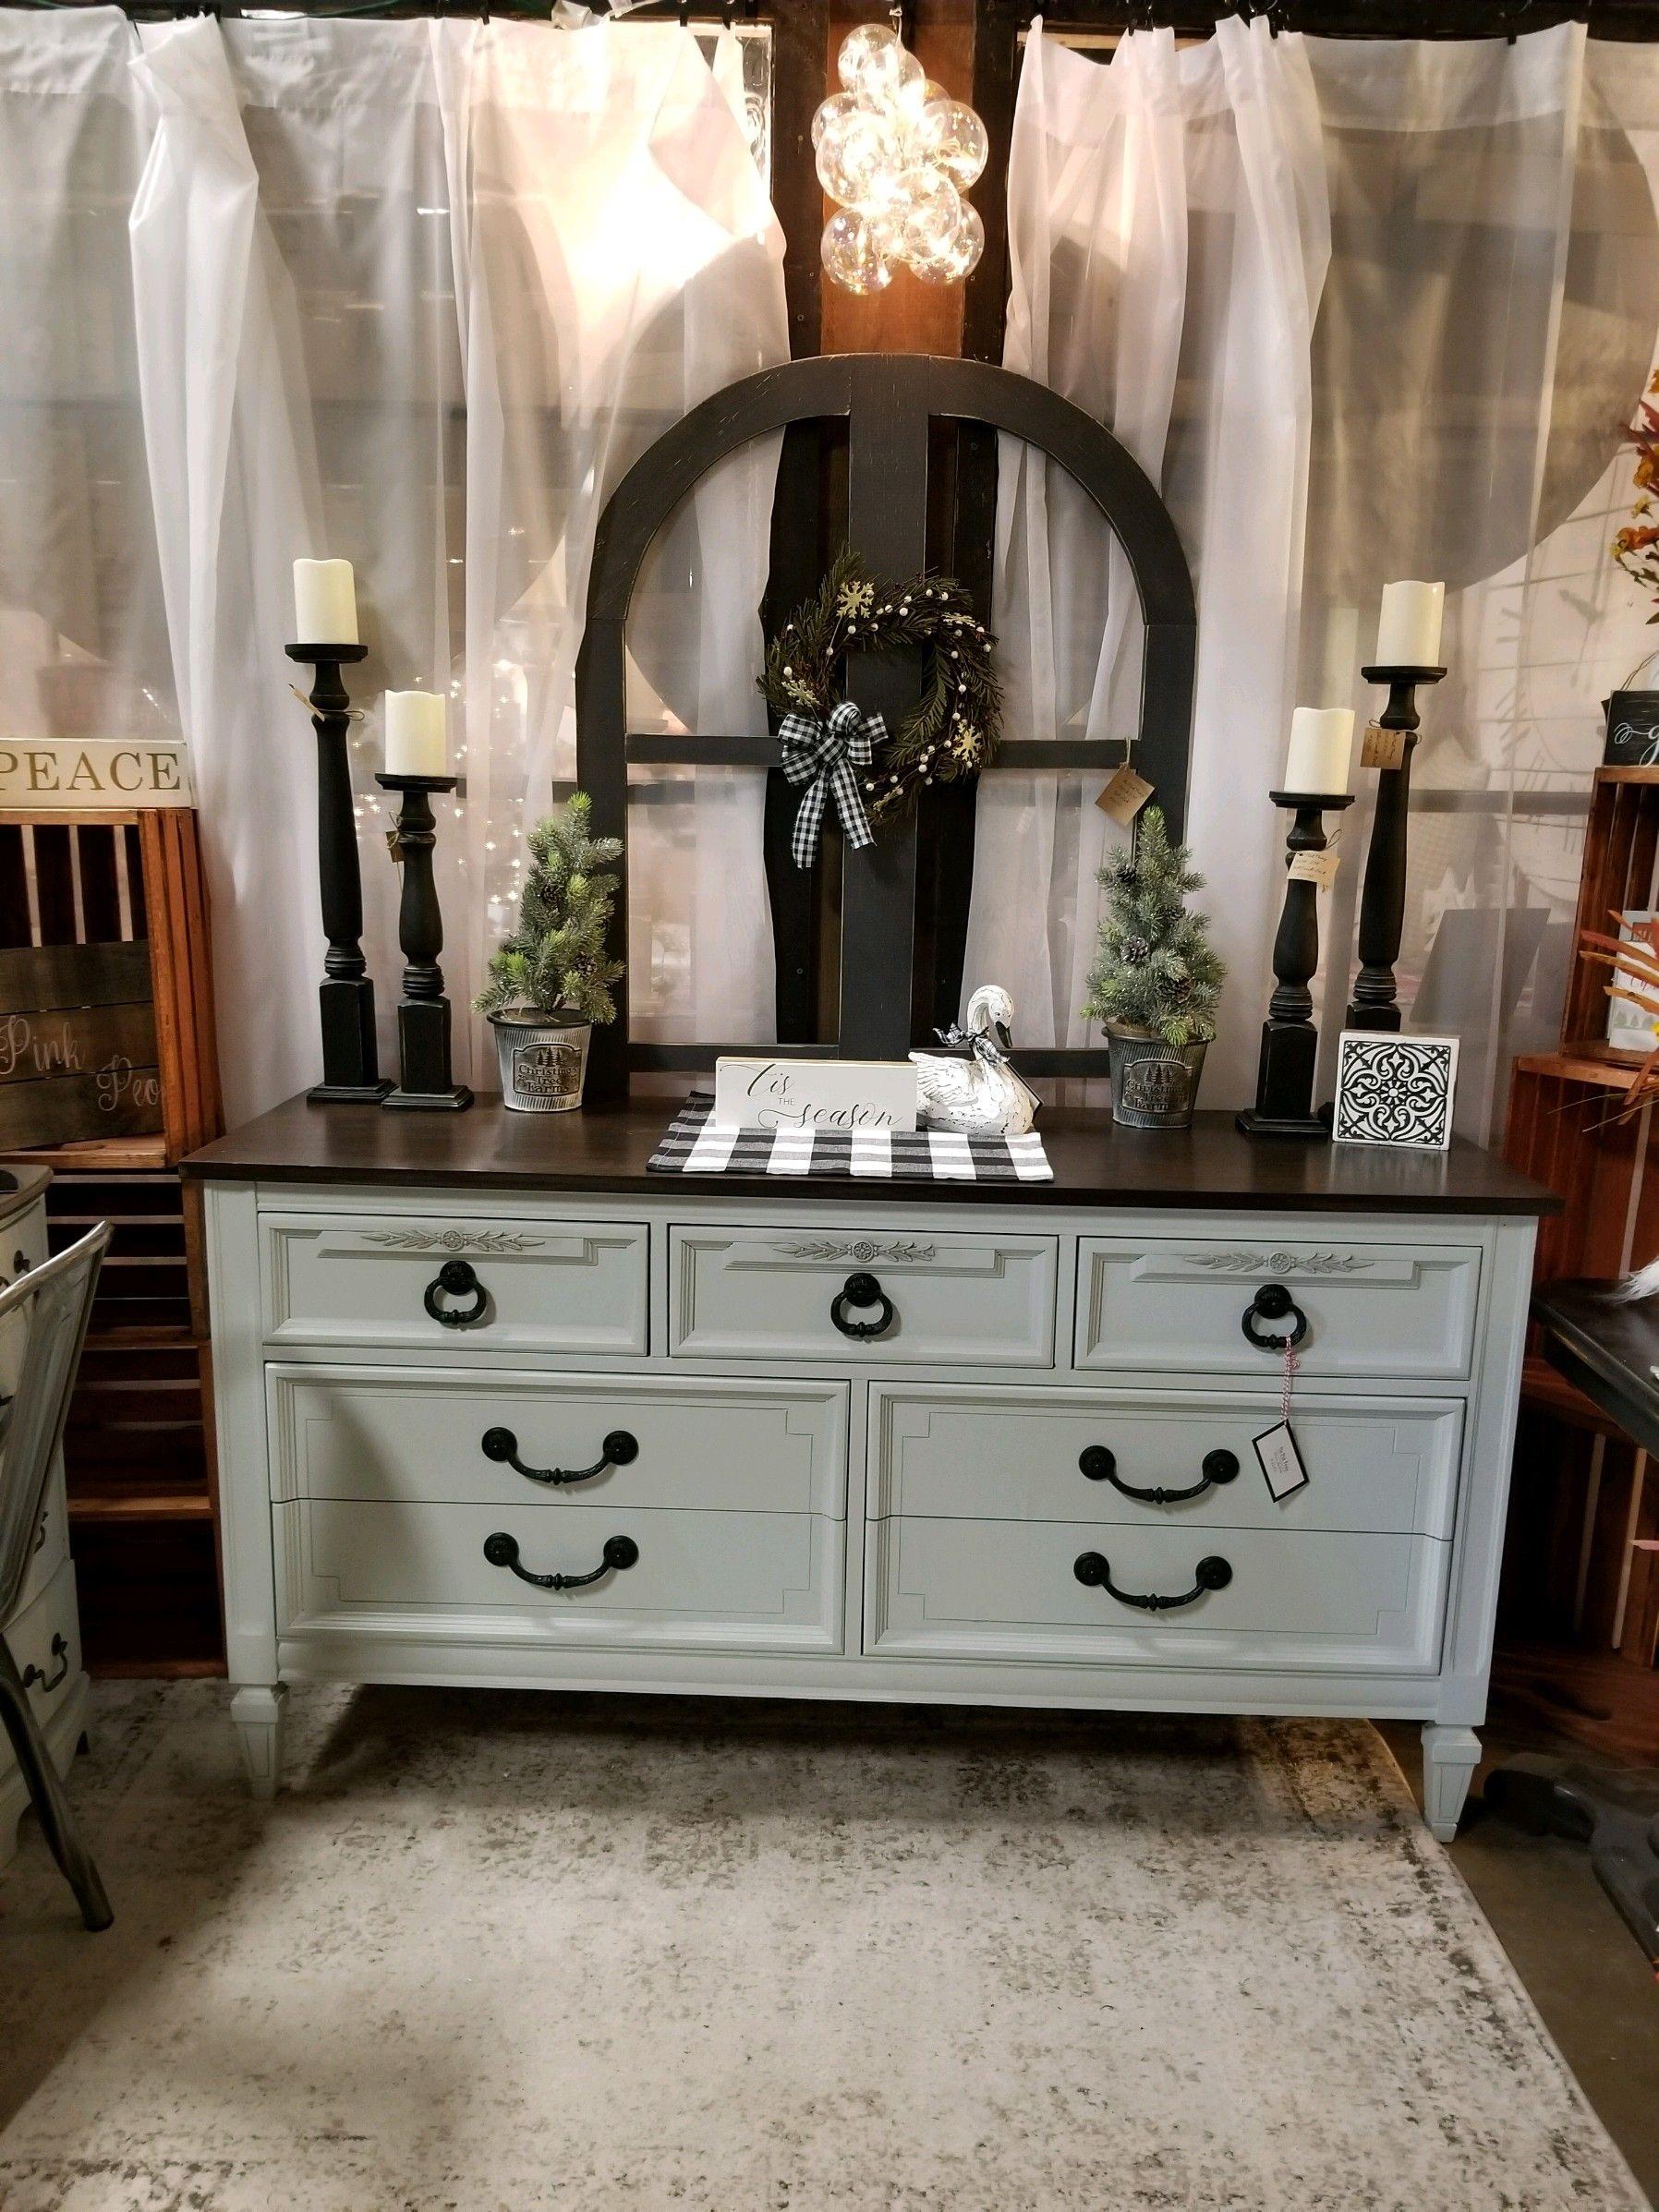 Dresser Tv Stand Buffet Dresser Design Grey Dresser Boho Chic Living Room [ 2395 x 1796 Pixel ]